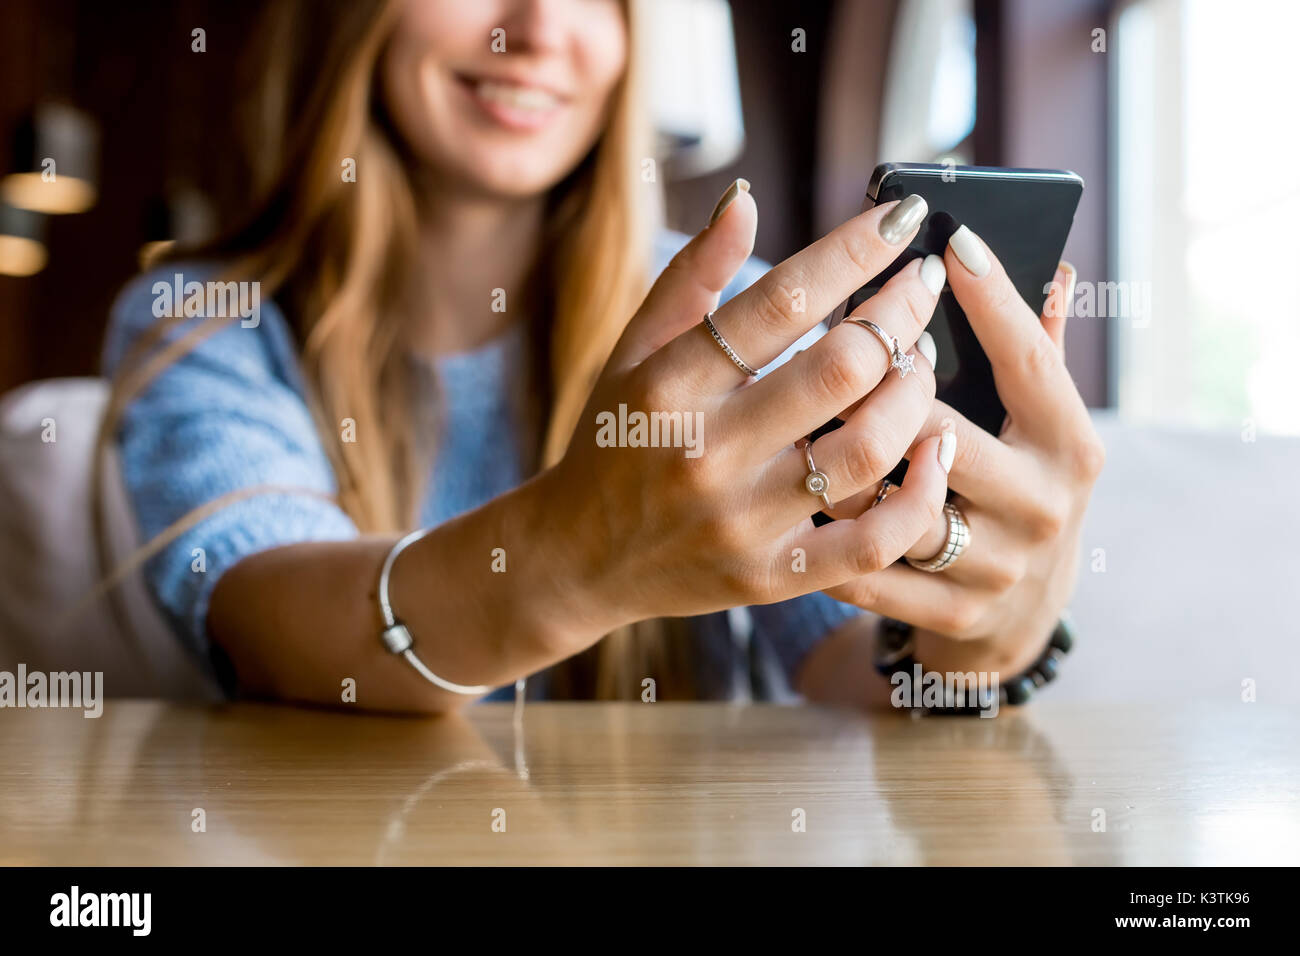 Cerca de manos de mujer locutorio telefónico con copia en blanco el espacio scree de su publicidad un mensaje de texto o contenido promocional, hipster chica viendo vídeos en el teléfono móvil durante la pausa para el café. Tonificado. El enfoque selectivo. Imagen De Stock